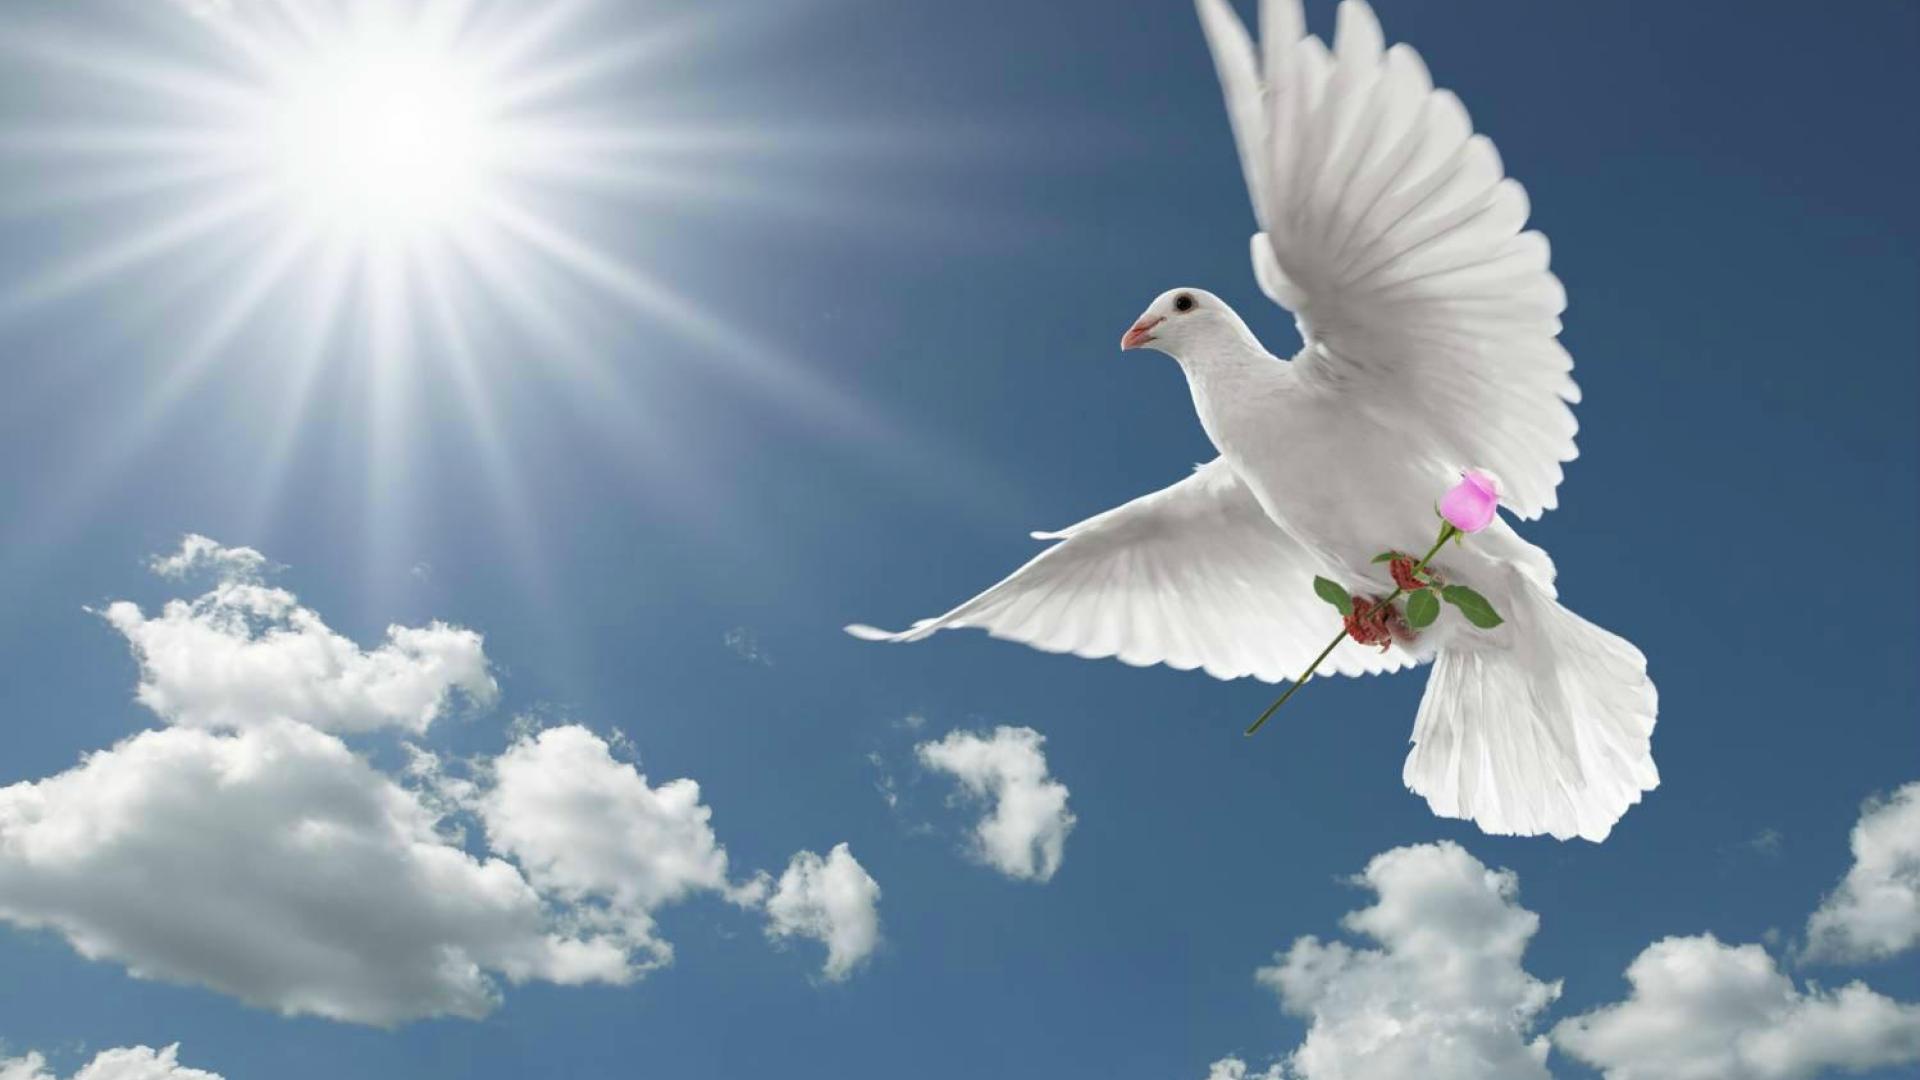 Peace Hd Wallpapers Free Download Dove Wallpapers Hd Pixelstalk Net